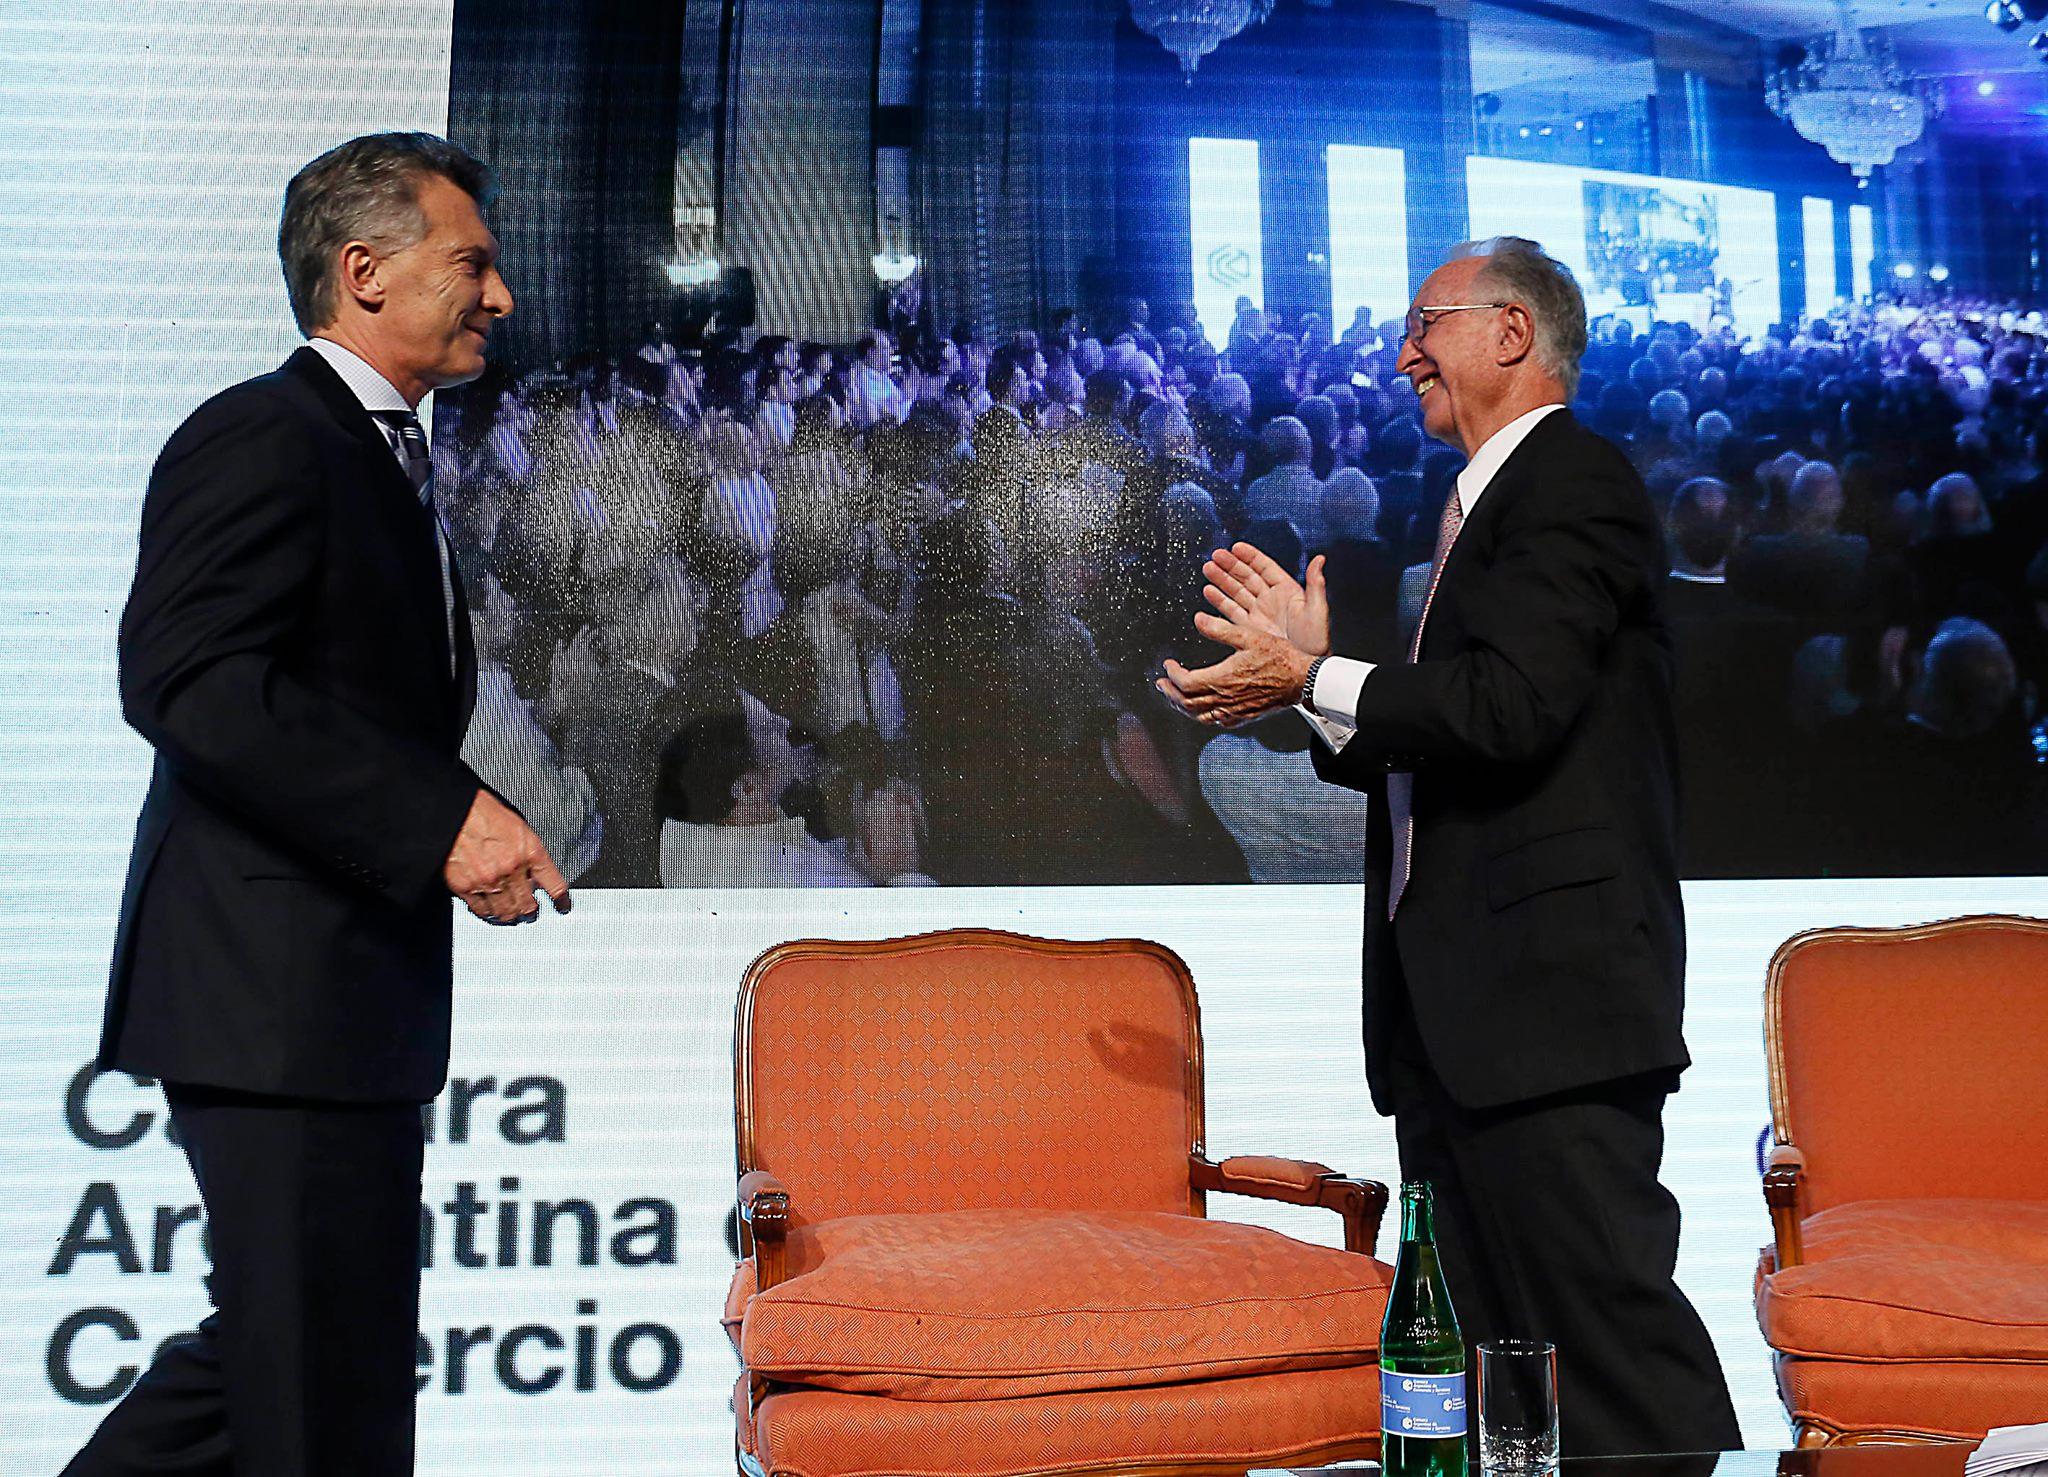 El vicedecano de la UTN, Francisco Álvarez, participó del 92° Aniversario de la Cámara Argentina de Comercio y Servicios (CAC).